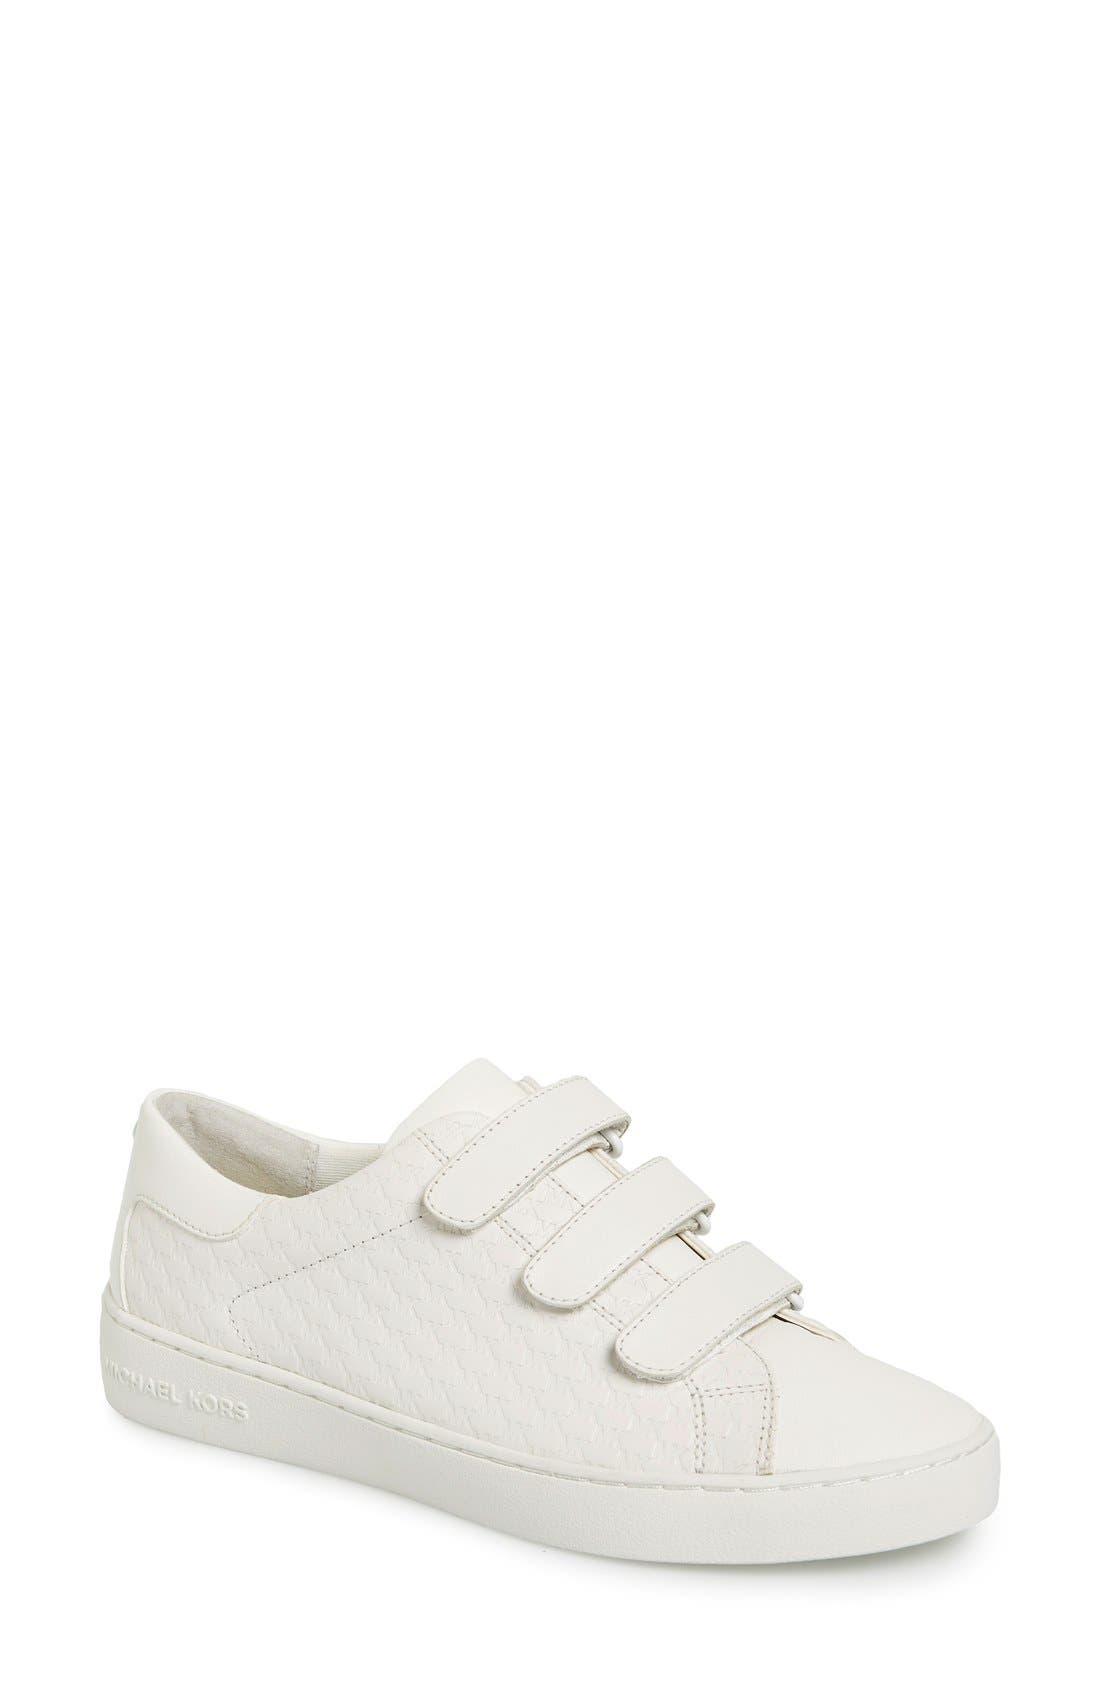 Alternate Image 1 Selected - MICHAEL Michael Kors 'Craig' Sneaker (Women)